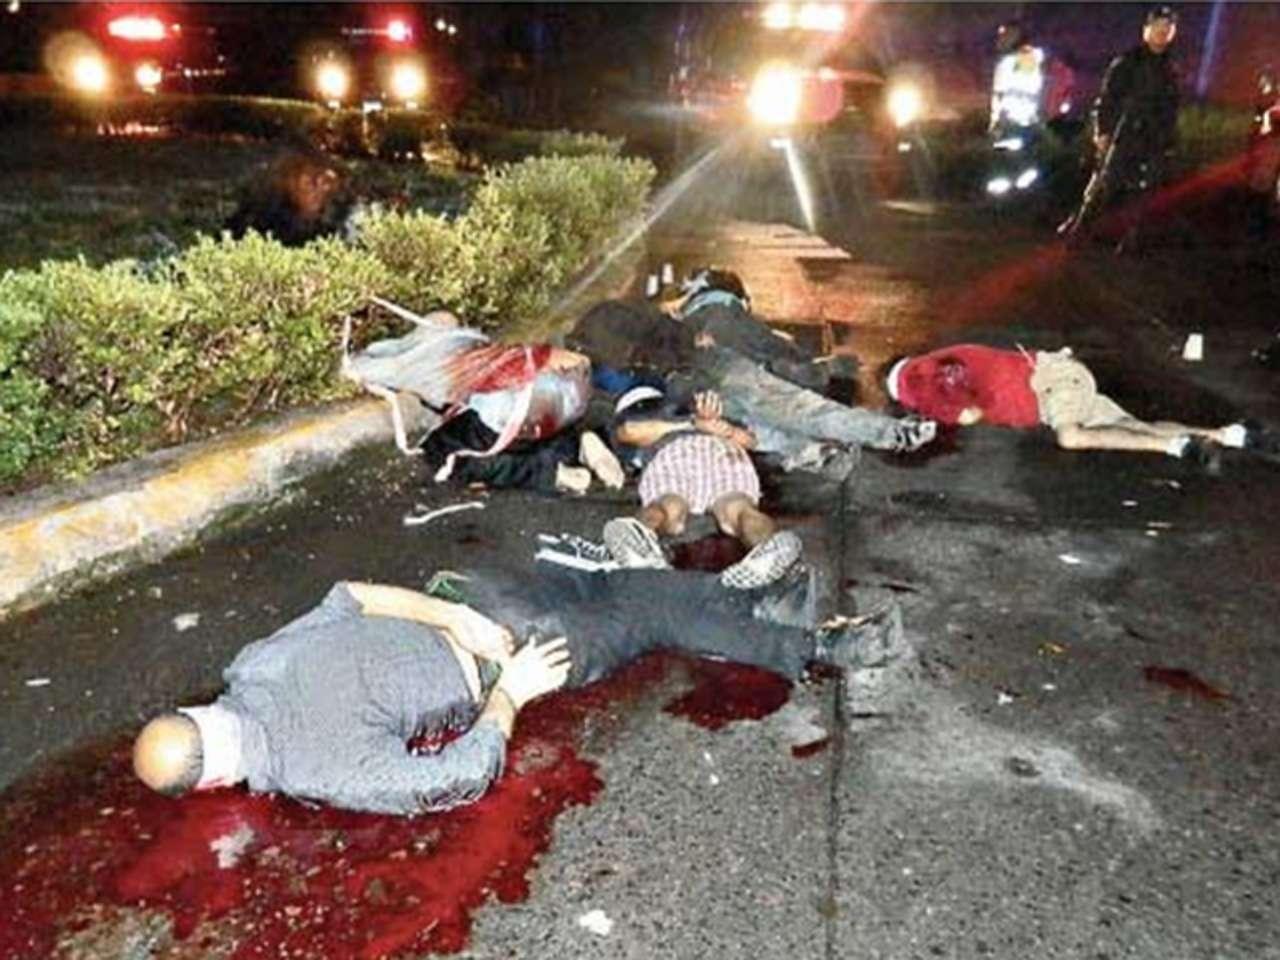 Los cuerpos de seis hombres ejecutados fueron encontrados en una glorieta de la ciudad de Uruapan, de acuerdo con los primeros reportes de la Policía Ministerial. Foto: Reuters en español